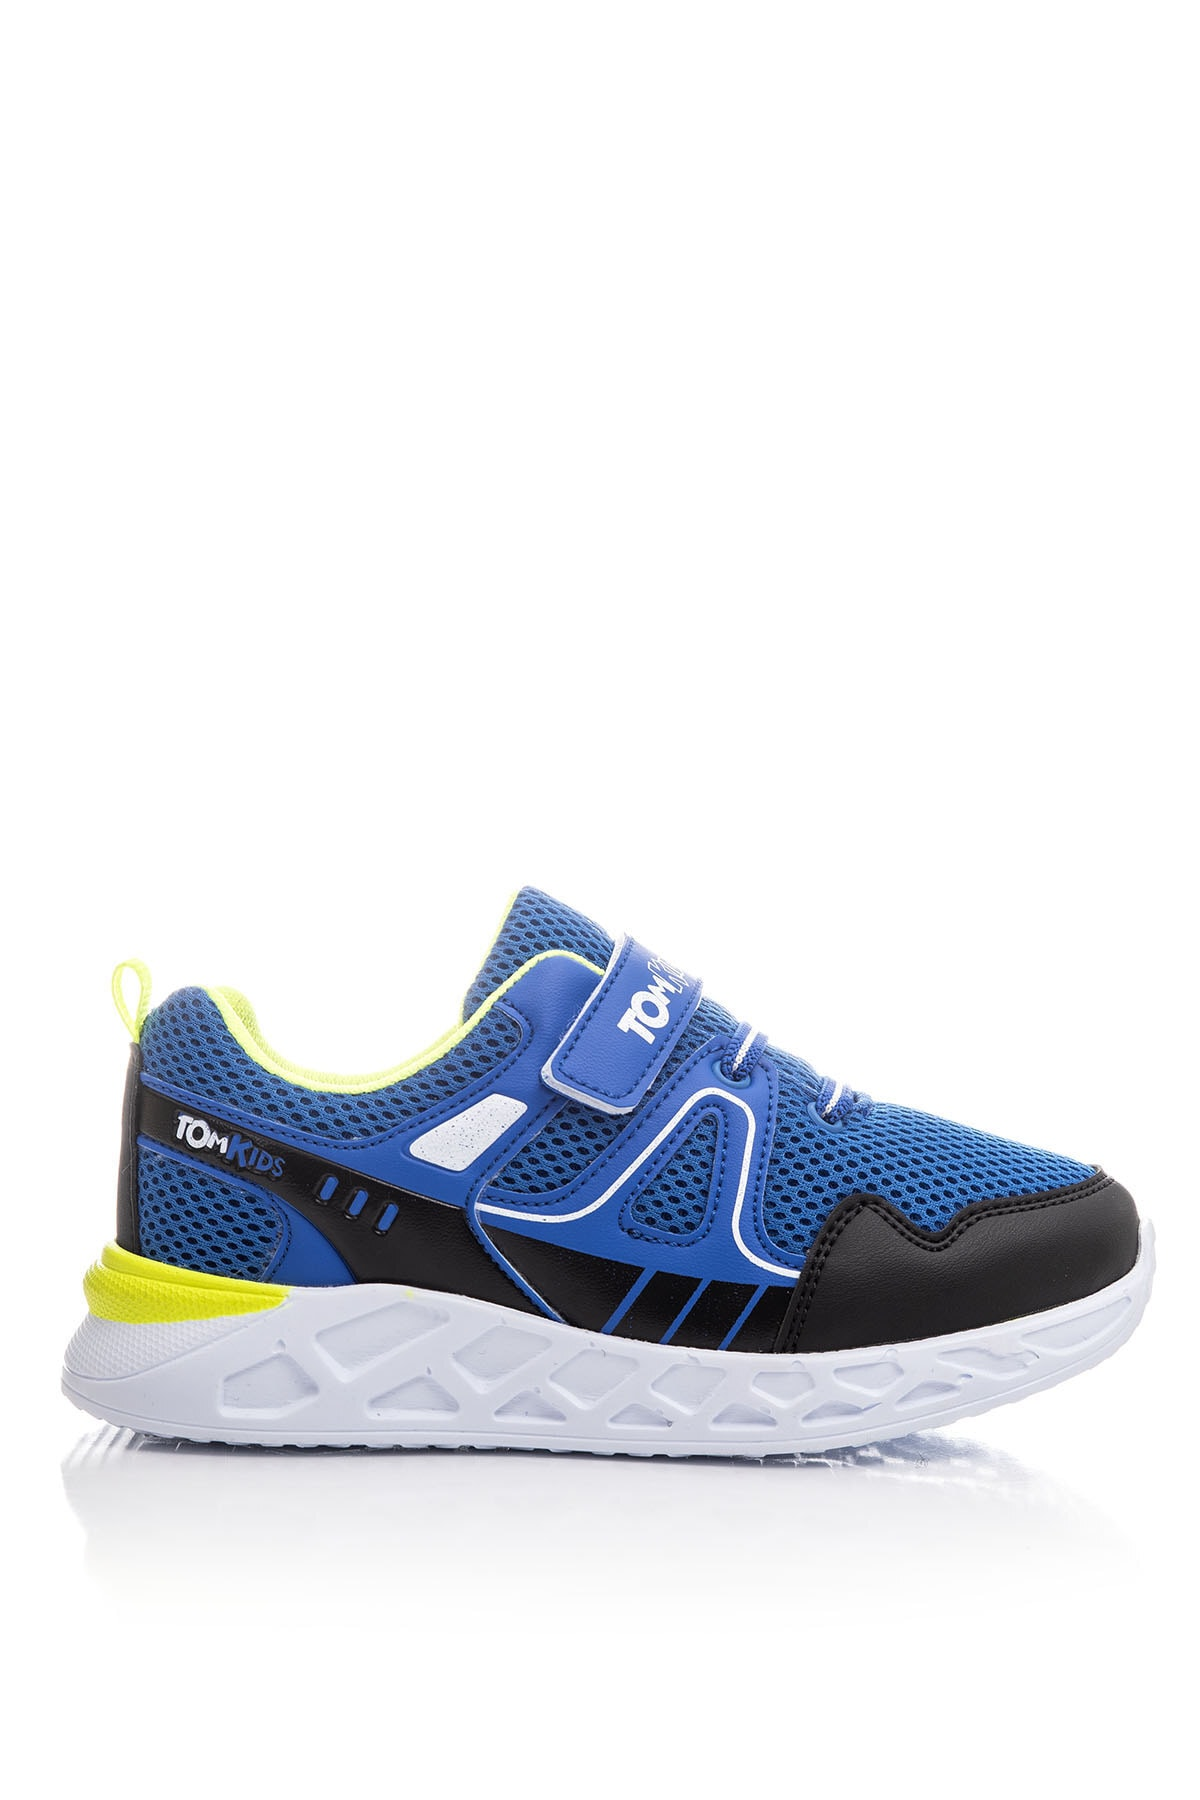 Tonny Black Erkek Çocuk Mavi Spor Ayakkabı TB3401-3 2